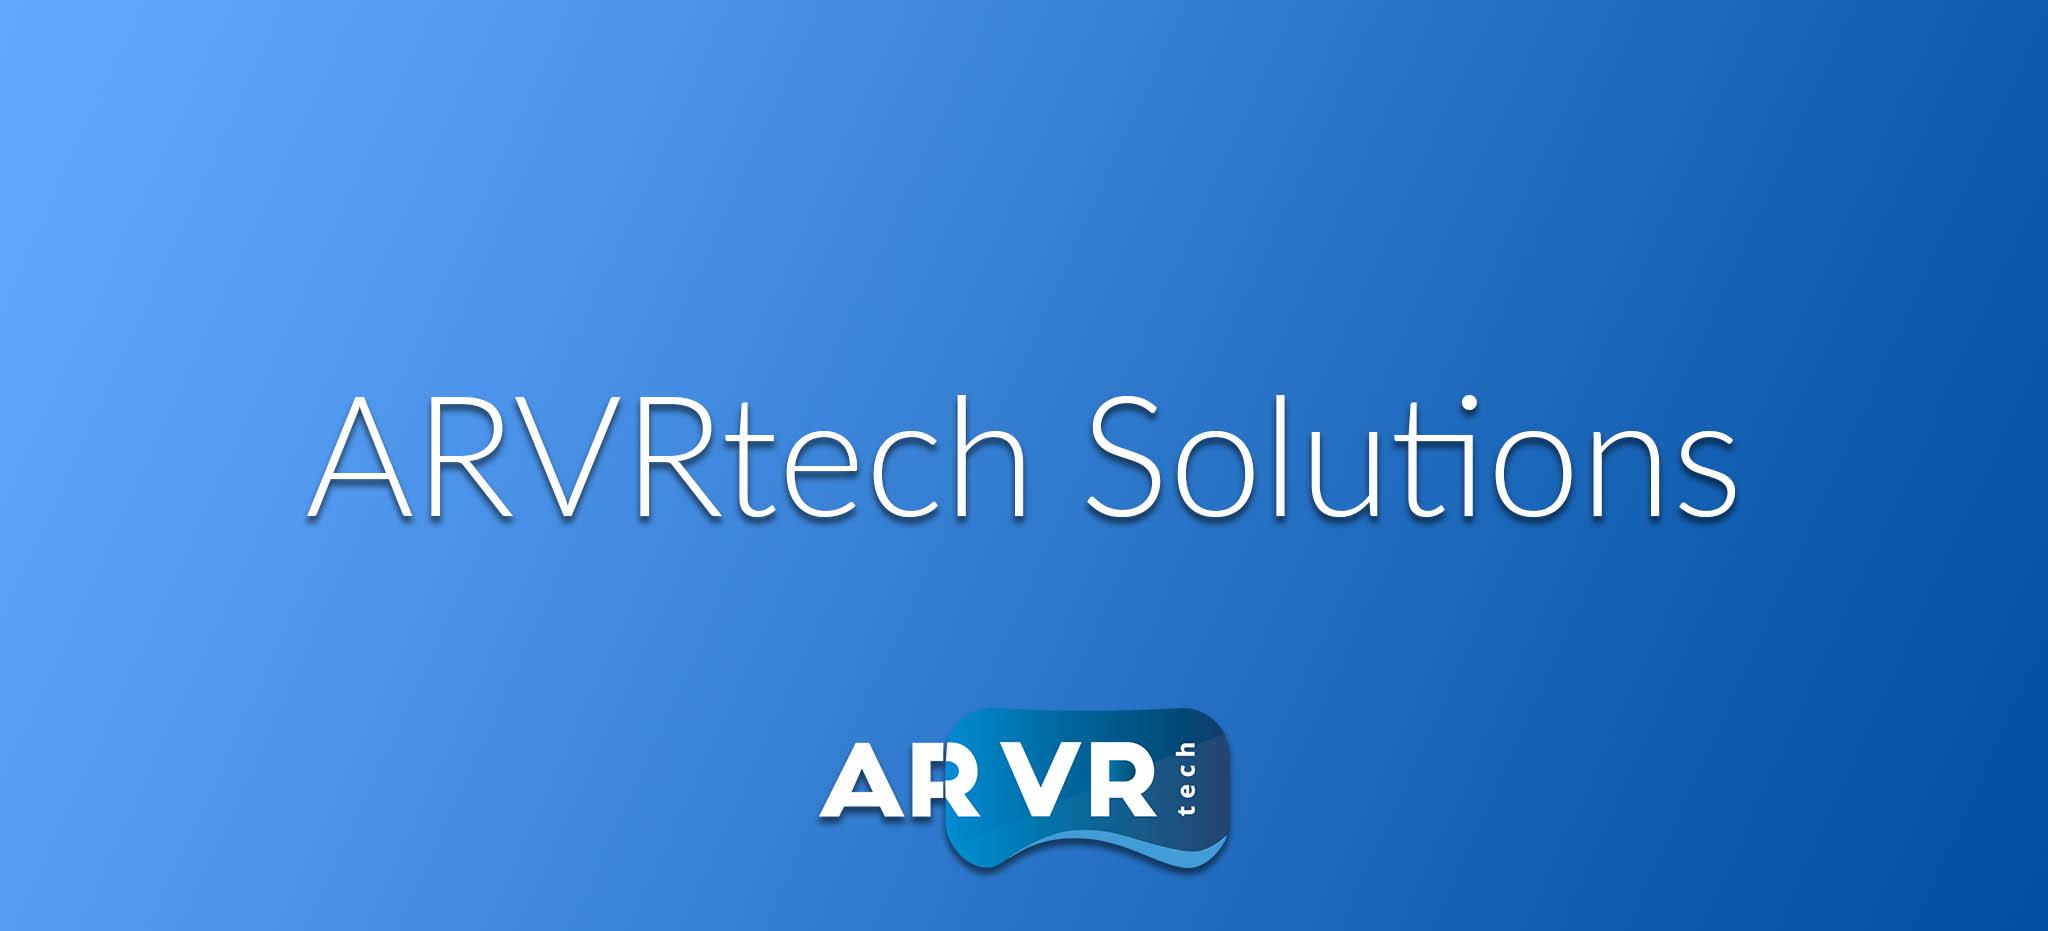 ARVRtech Solutions